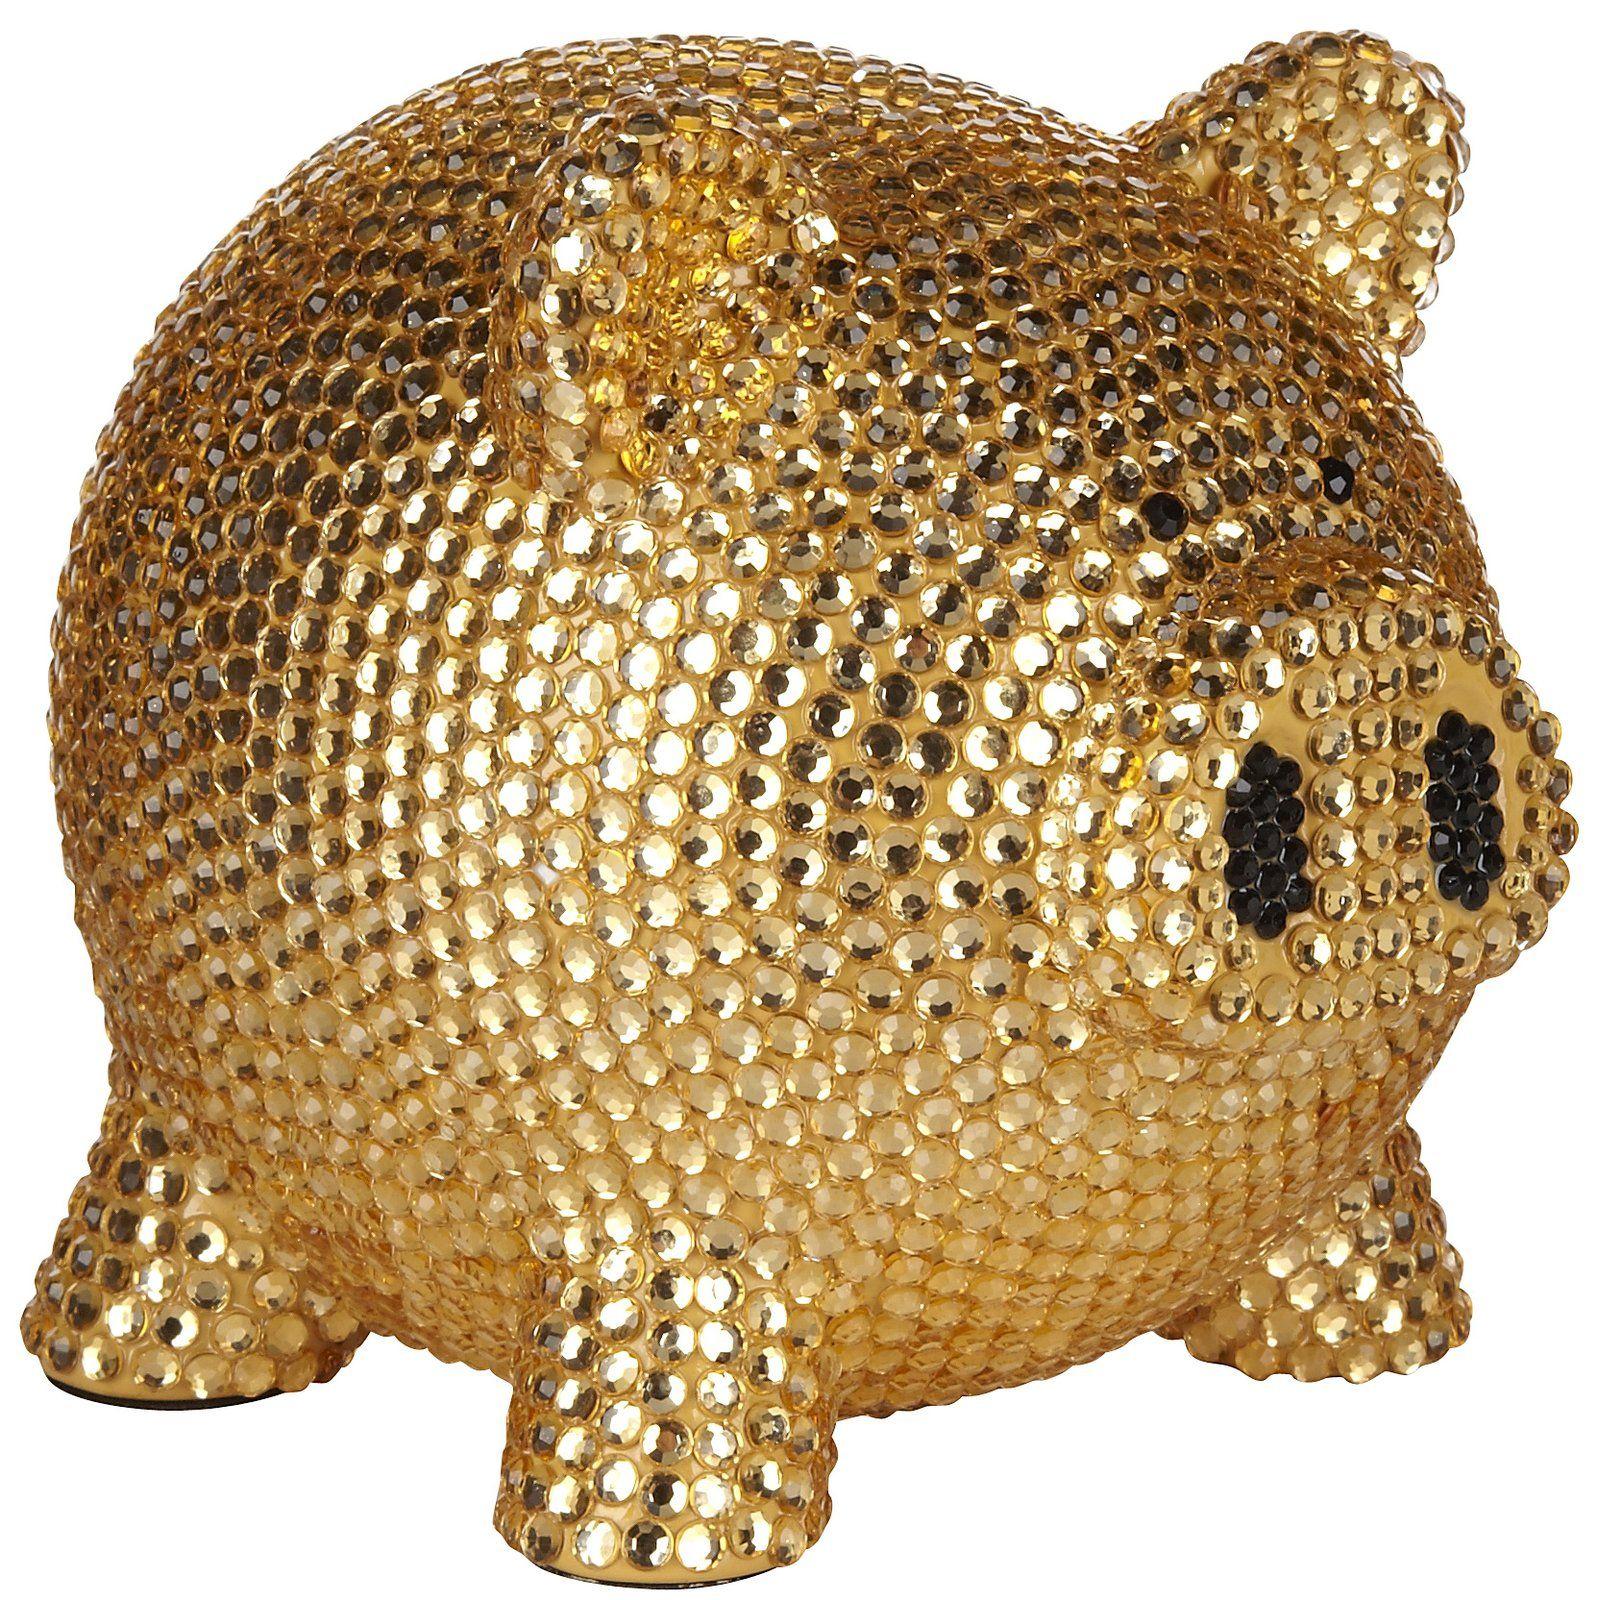 trumpette rhinestone piggy bank  gold  piggy banks - trumpette rhinestone piggy bank  gold